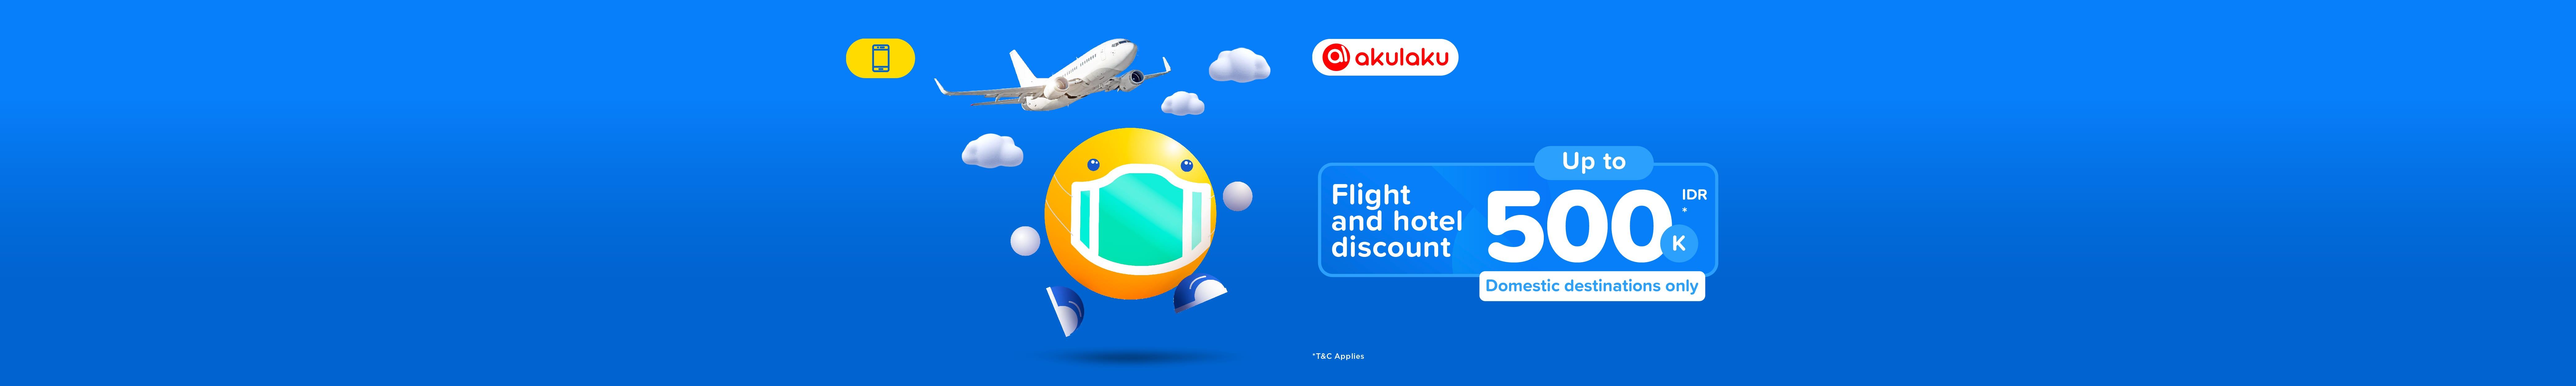 Promo Akulaku, Diskon Pesawat & Hotel 500.000 - tiket.com